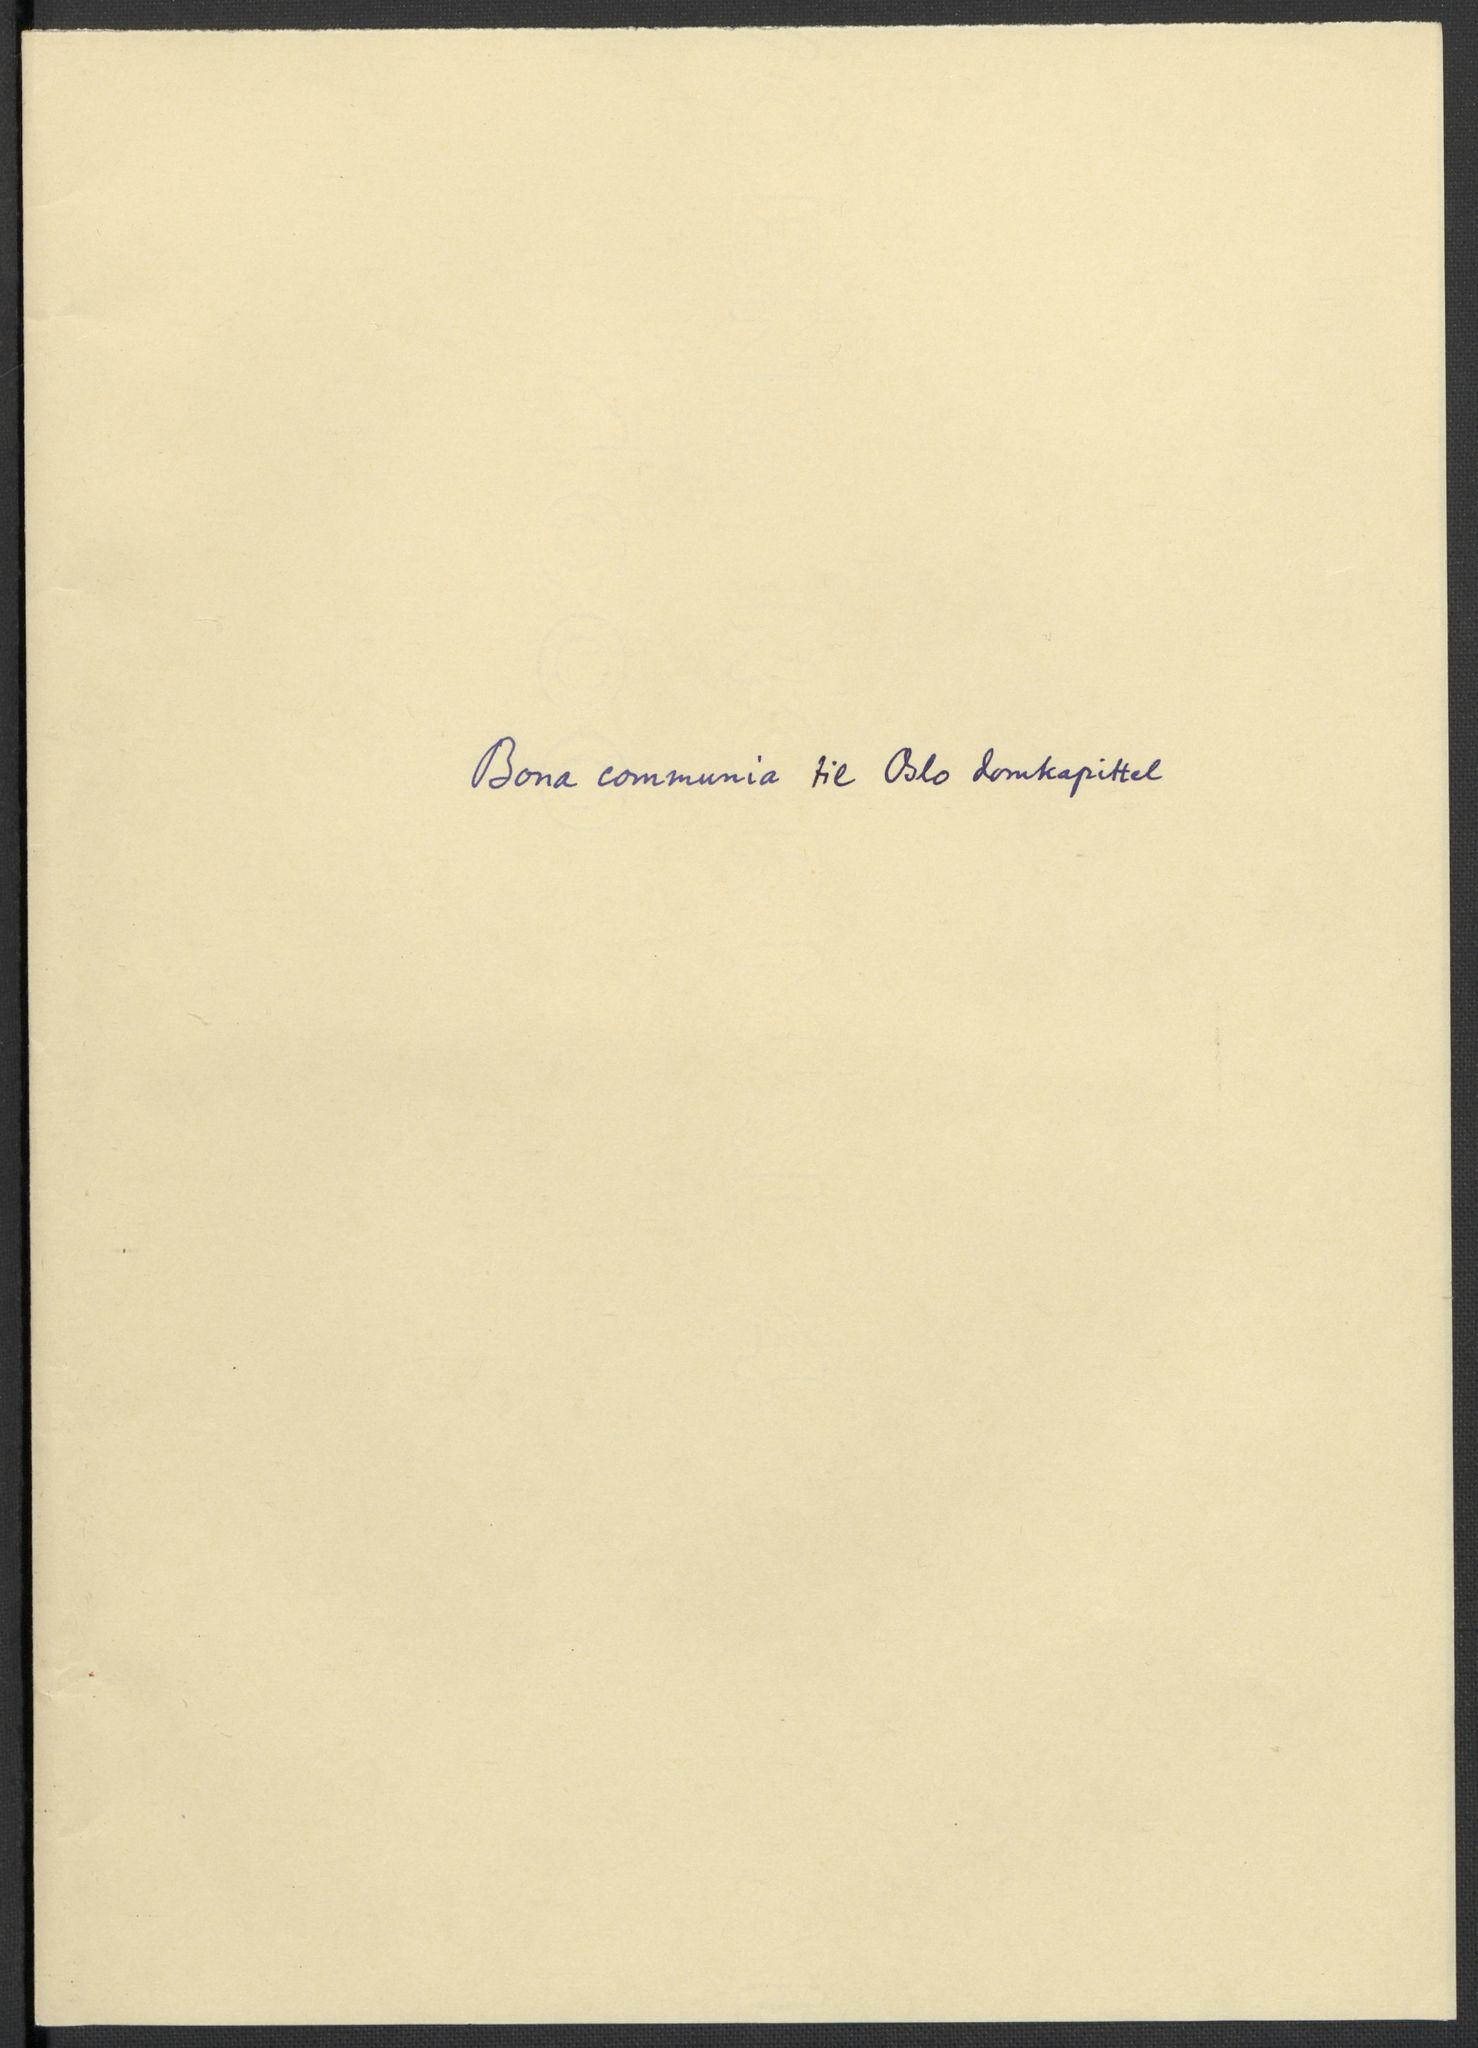 RA, Stattholderembetet 1572-1771, Ek/L0030: Jordebøker 1633-1658:, 1654, s. 367